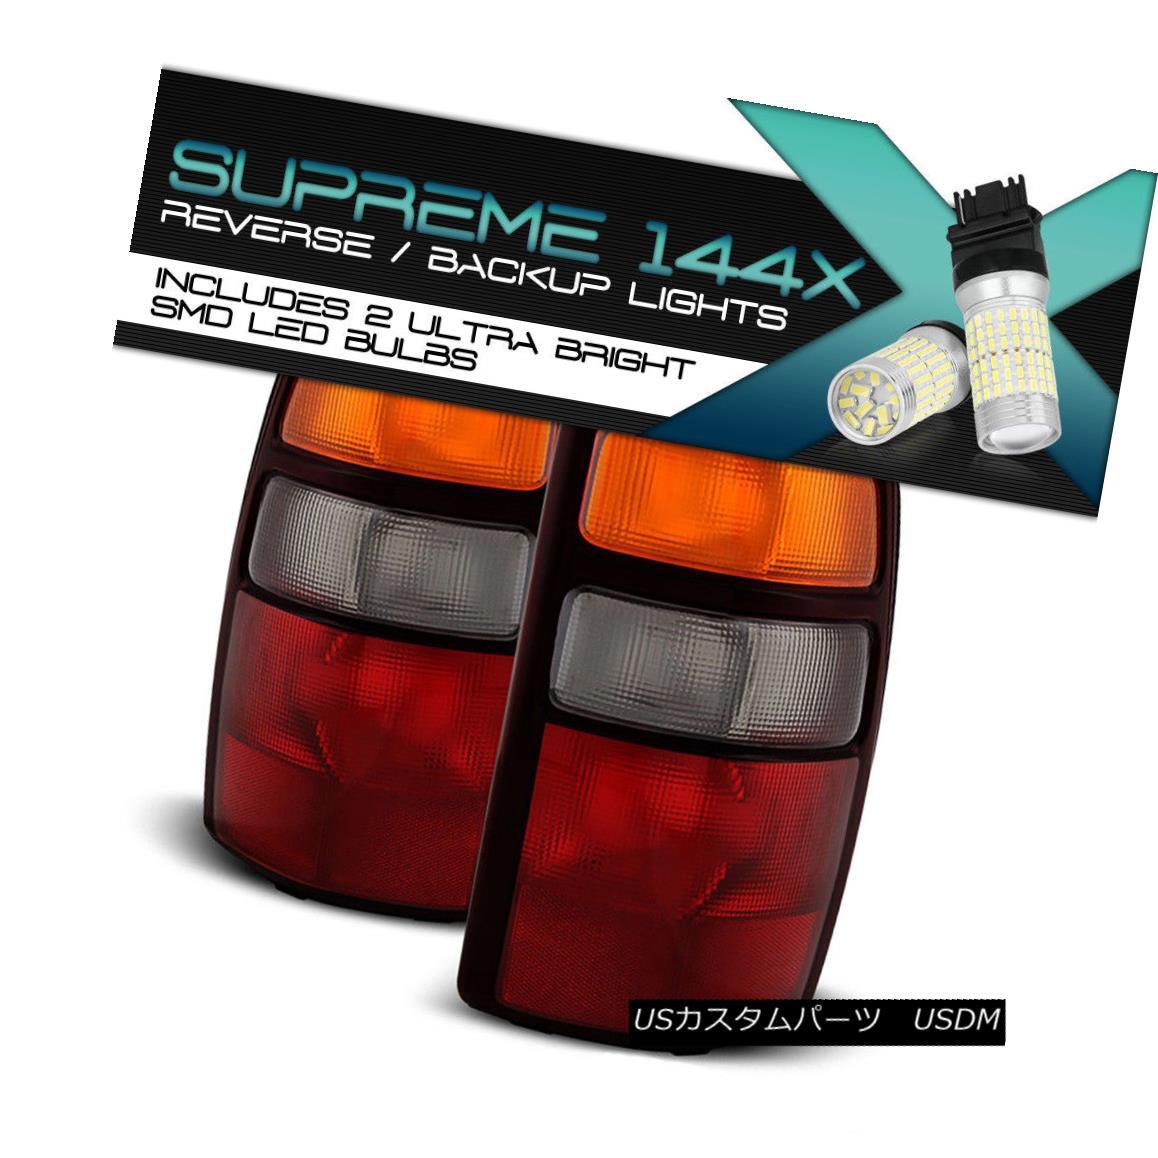 テールライト [360 DEGREE SMD SMD BACKUP] Chevrolet Chevrolet Tahoe Suburban GMC Chevrolet Yukon Tail Lights Assembly [360度SMDバックアップ] Chevrolet Tahoe郊外GMCユーコンテールライトアセンブリ, 南大東村:056fa527 --- officewill.xsrv.jp